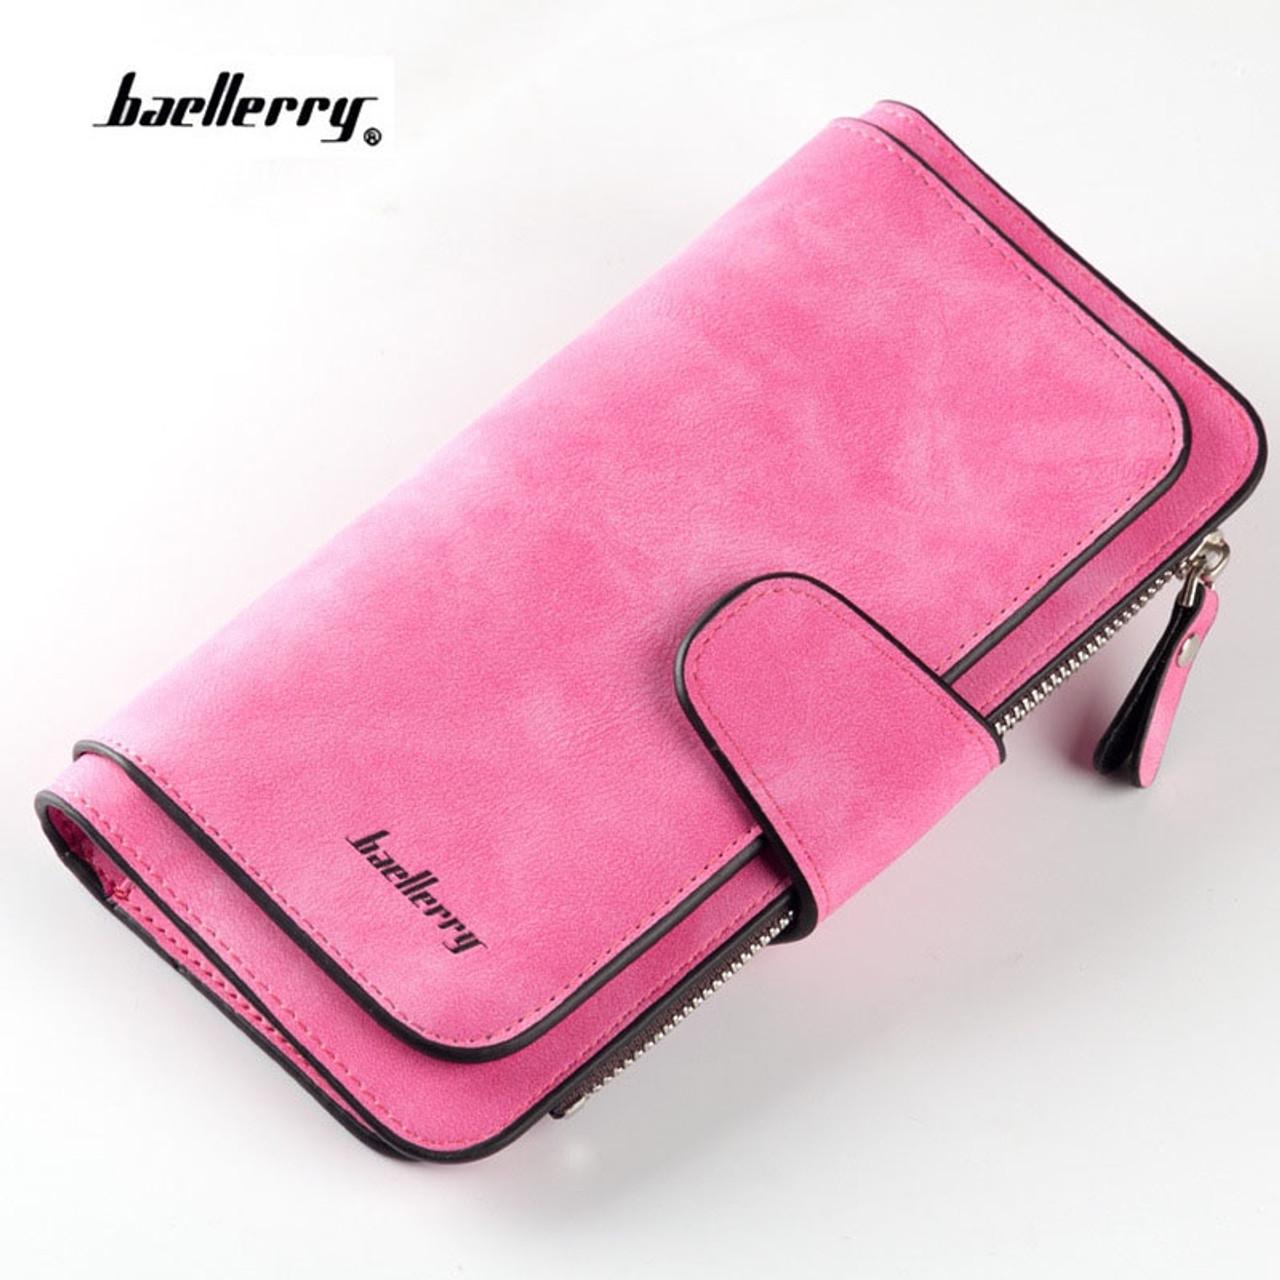 2018 New Fashion Women Wallets Drawstring Nubuck Leather Zipper Wallet  Women s Long Design Purse nubuck leather ... 9899f90fe0ef